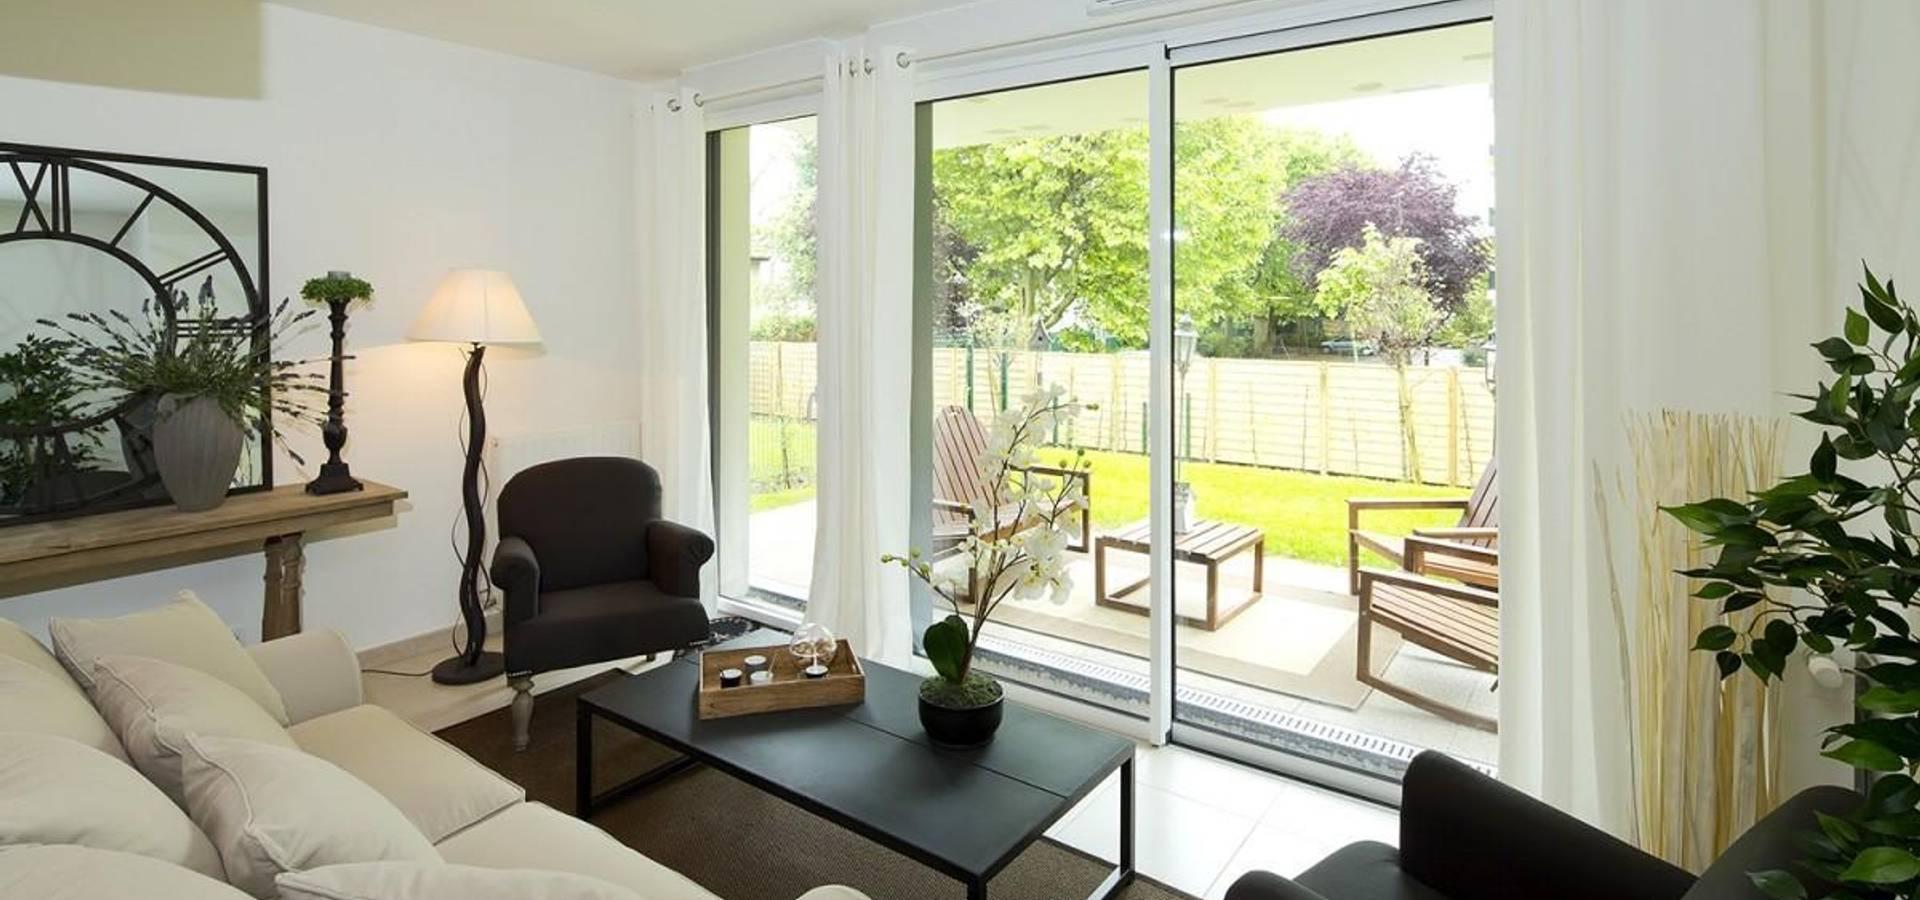 Appartement témoins au Perreux-sur-Marne (94) von Anne Gindre ...